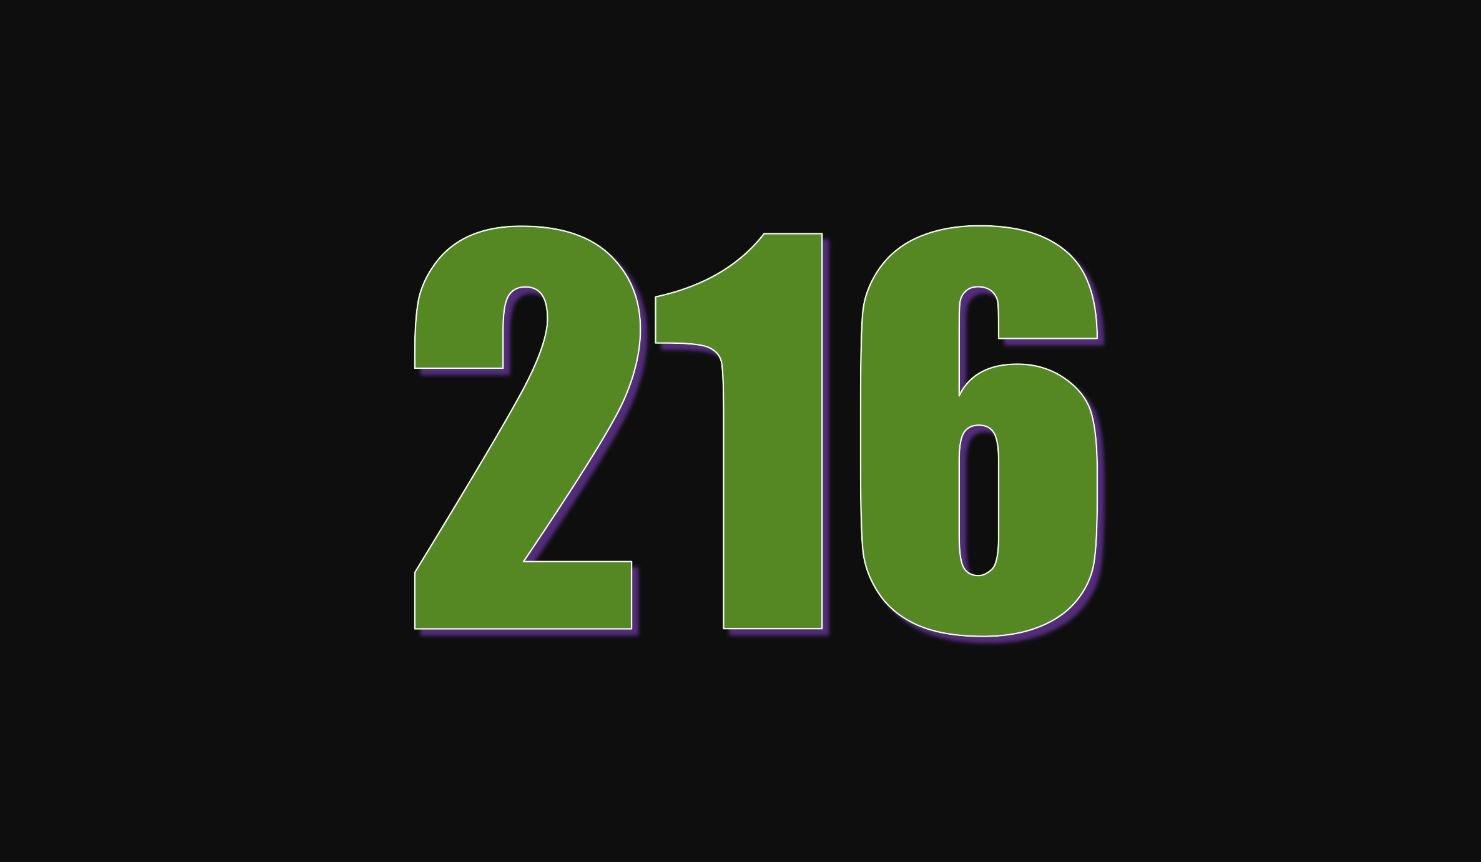 Die Bedeutung der Zahl 216